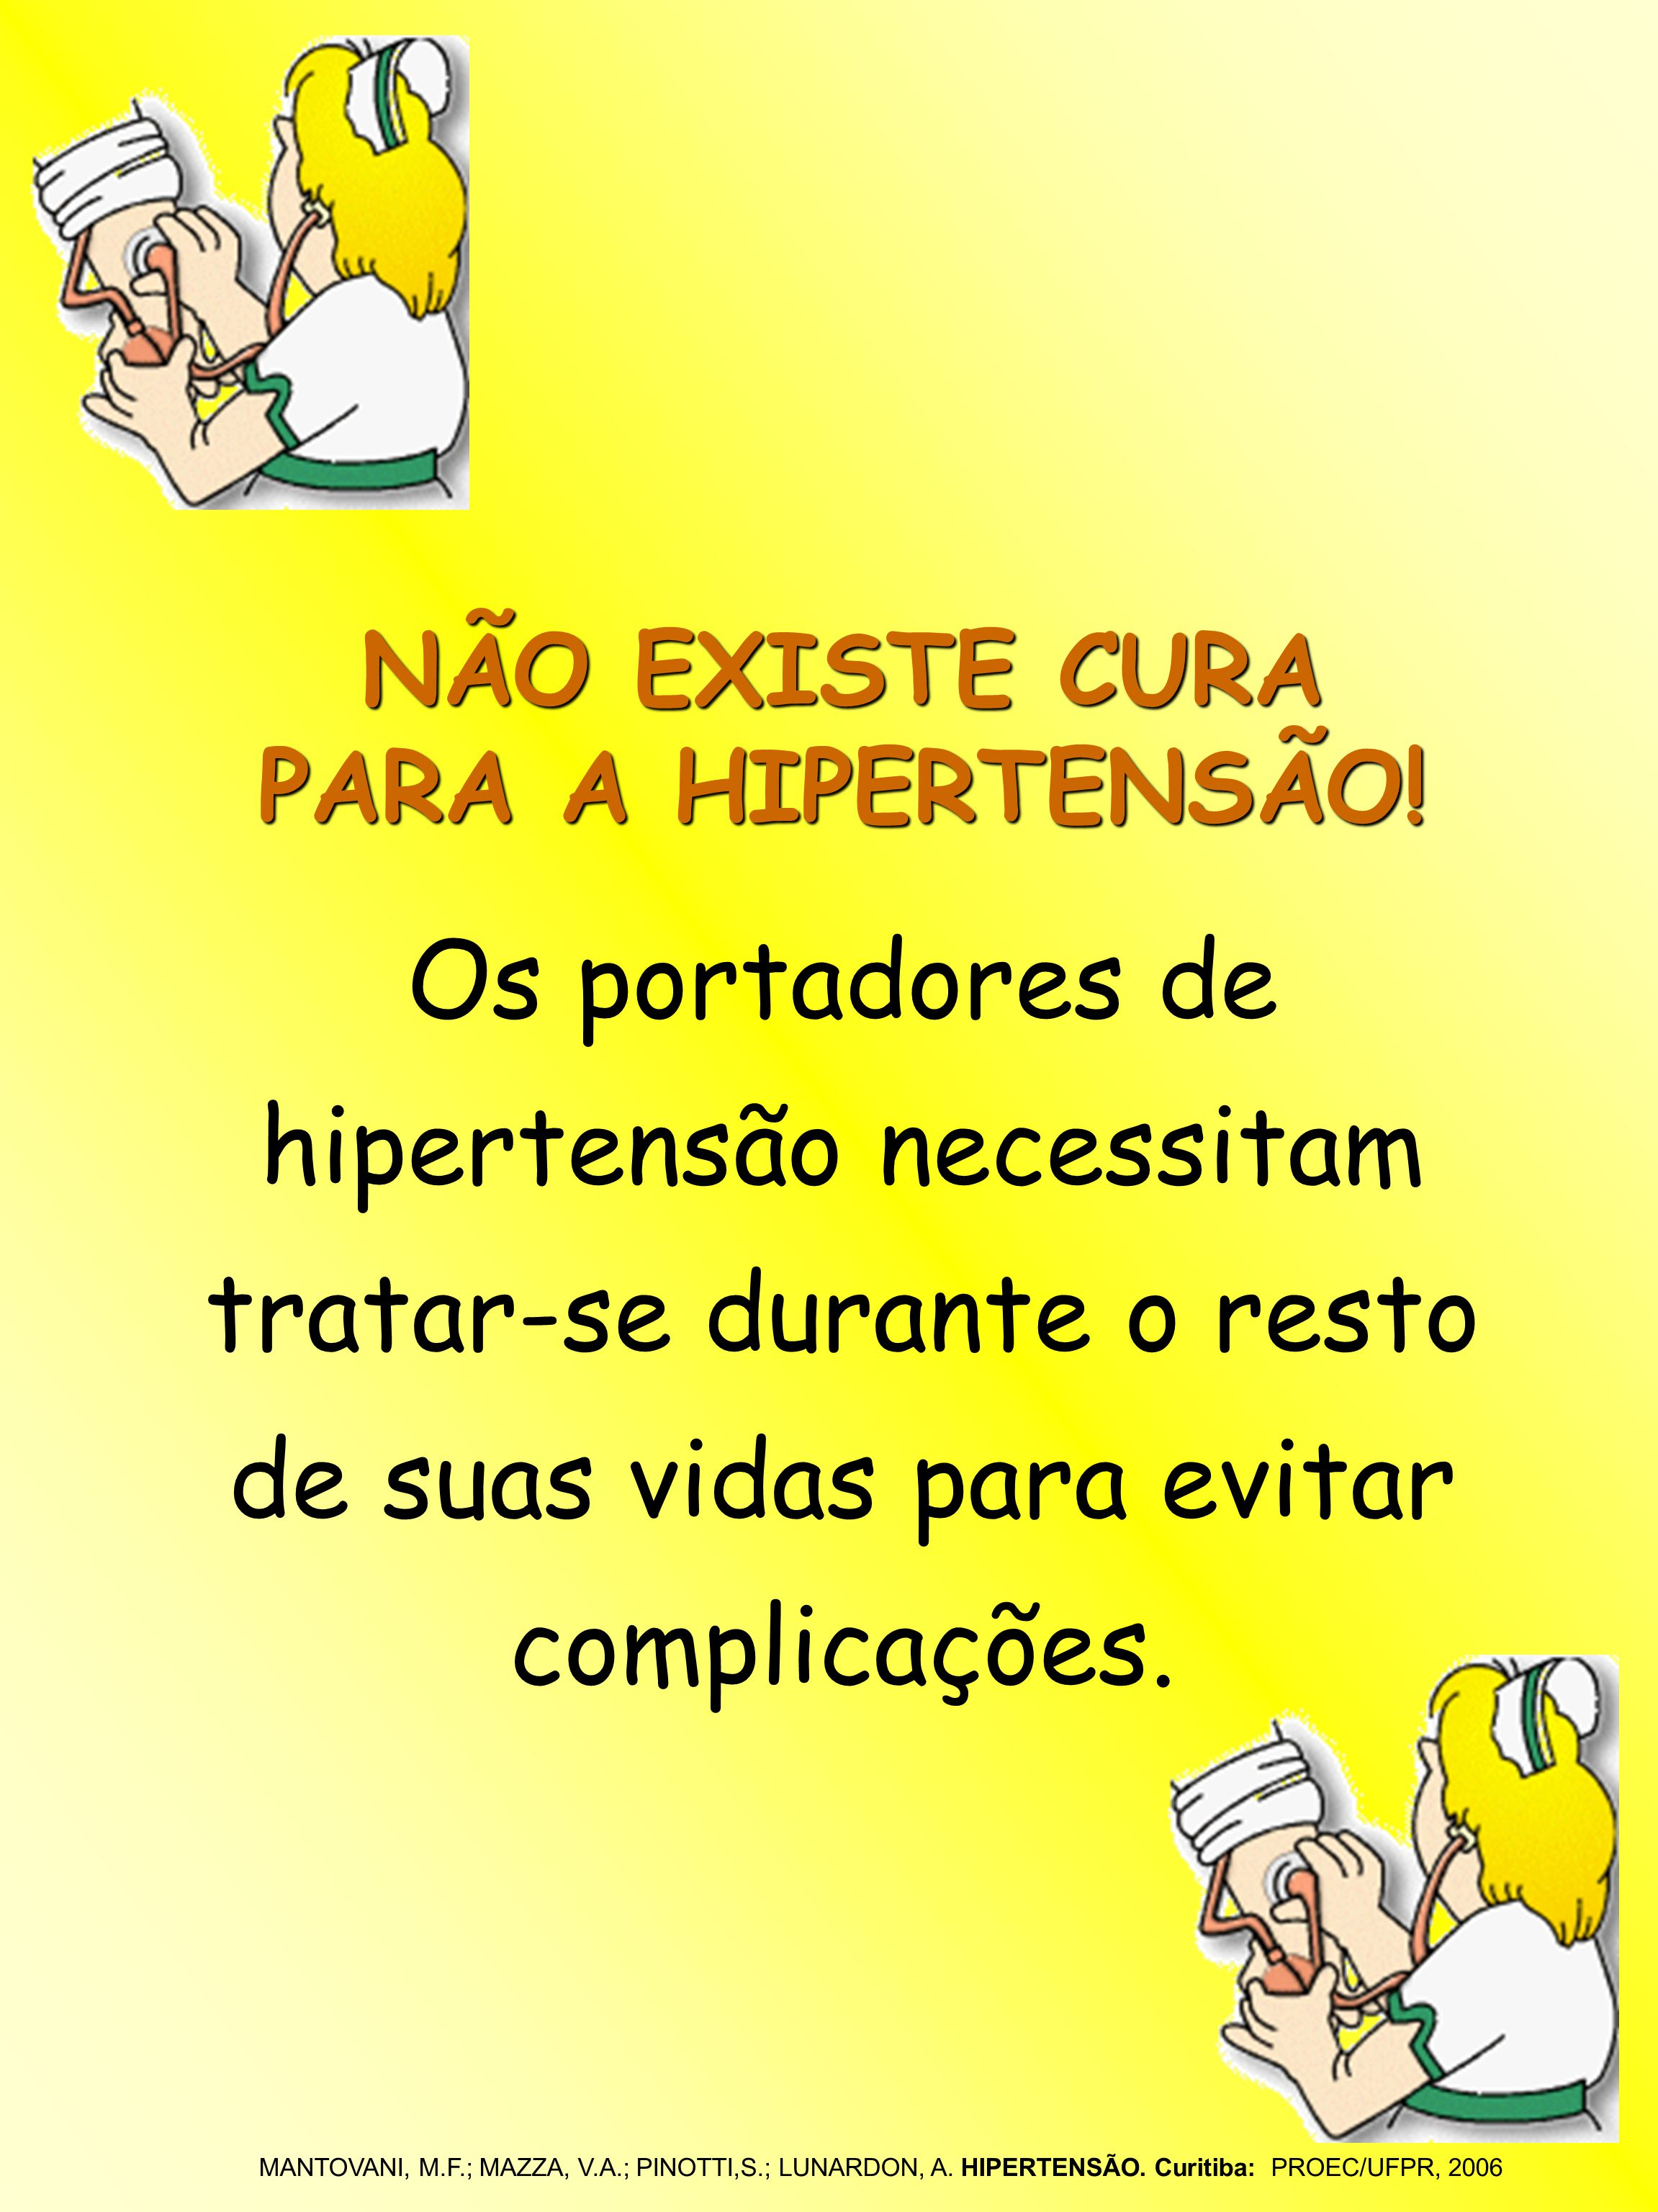 NÃO EXISTE CURA PARA A HIPERTENSÃO!